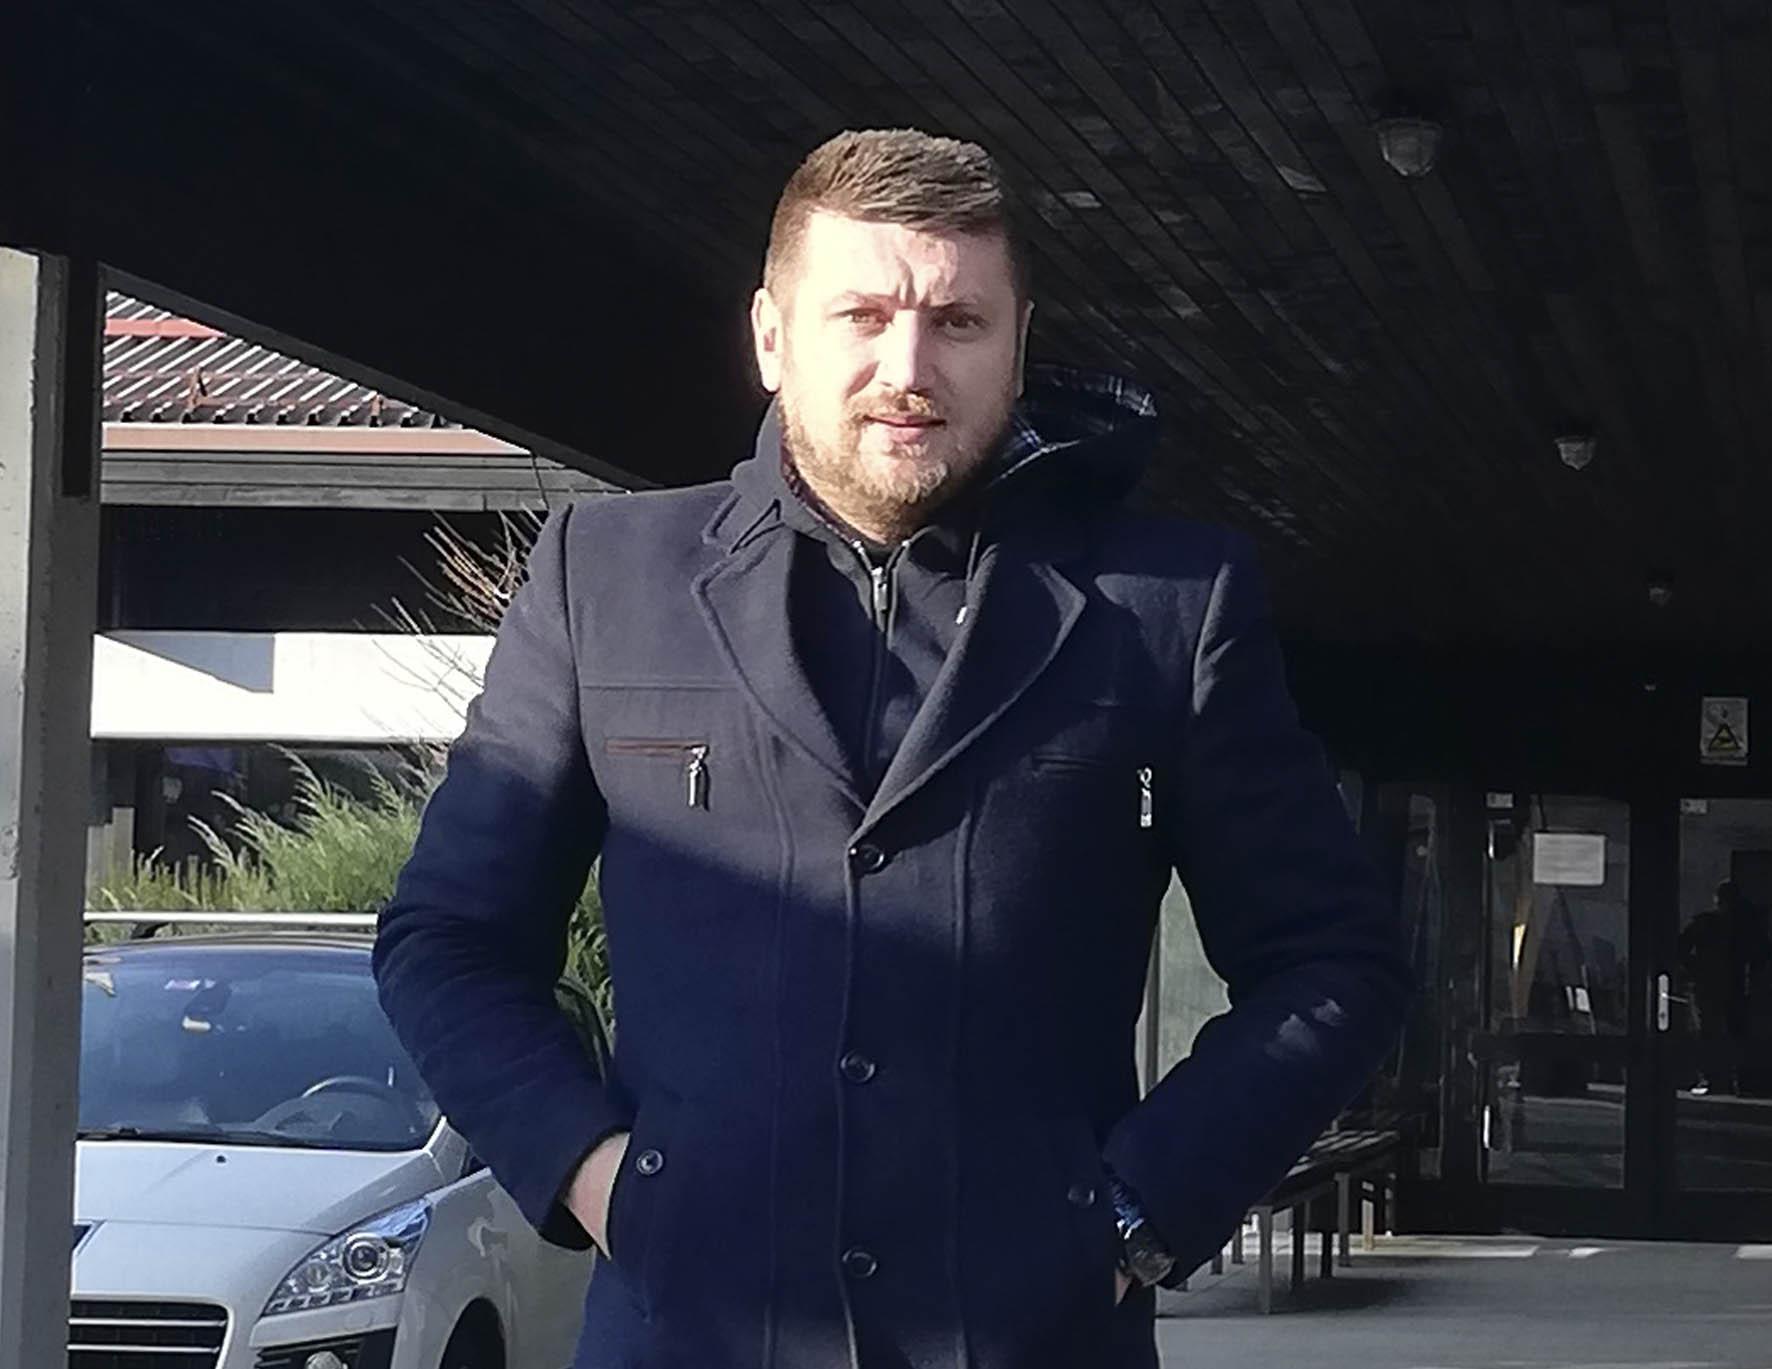 Istraživački rad mr. Redže Hasanagića u Sloveniji